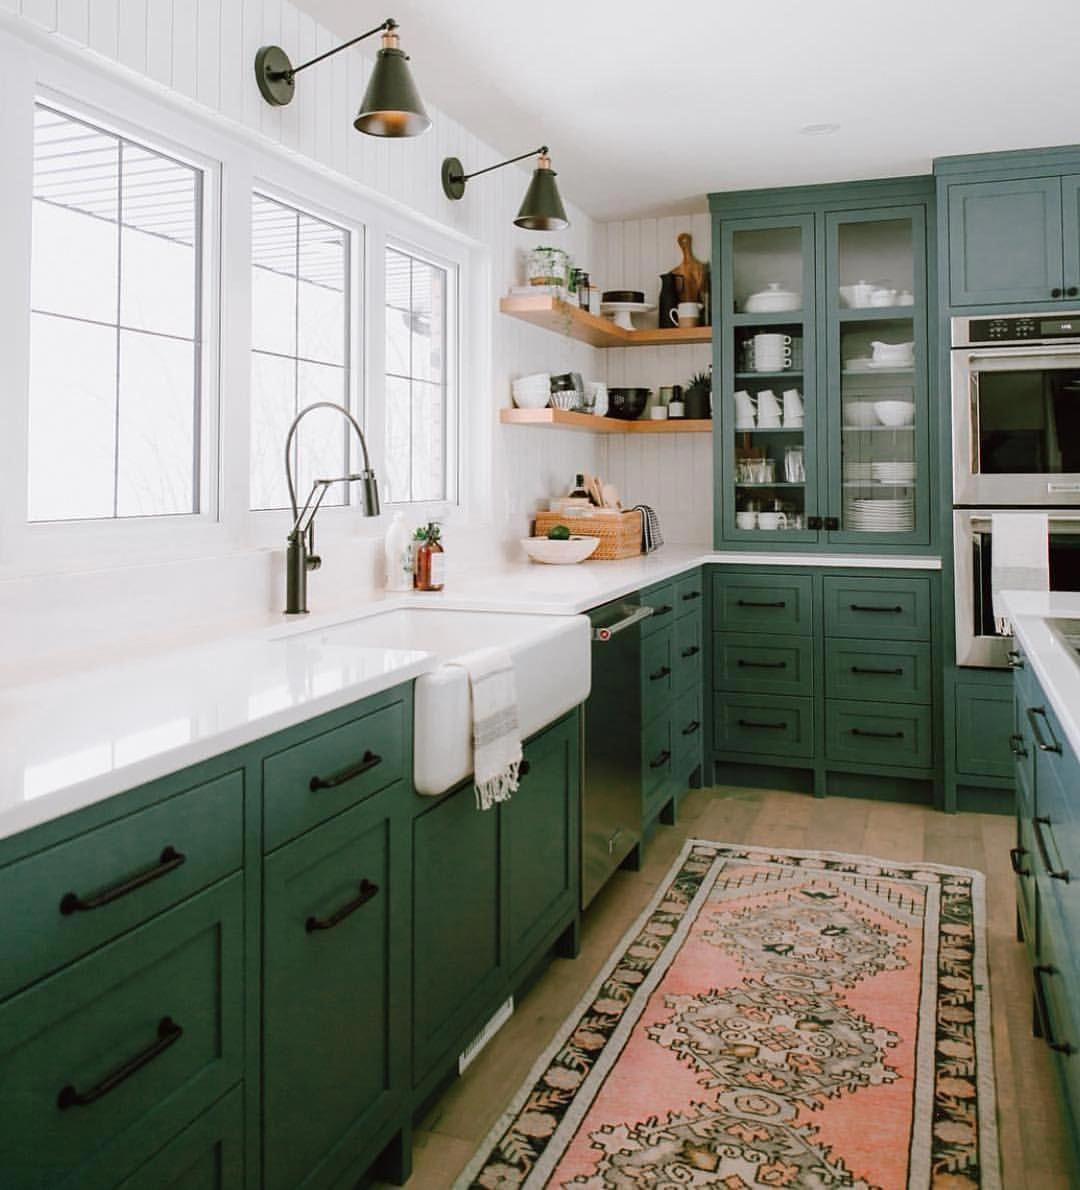 find other ideas green kitchen walls ideas green kitchen color scheme contemporar green on kitchen interior green id=38573